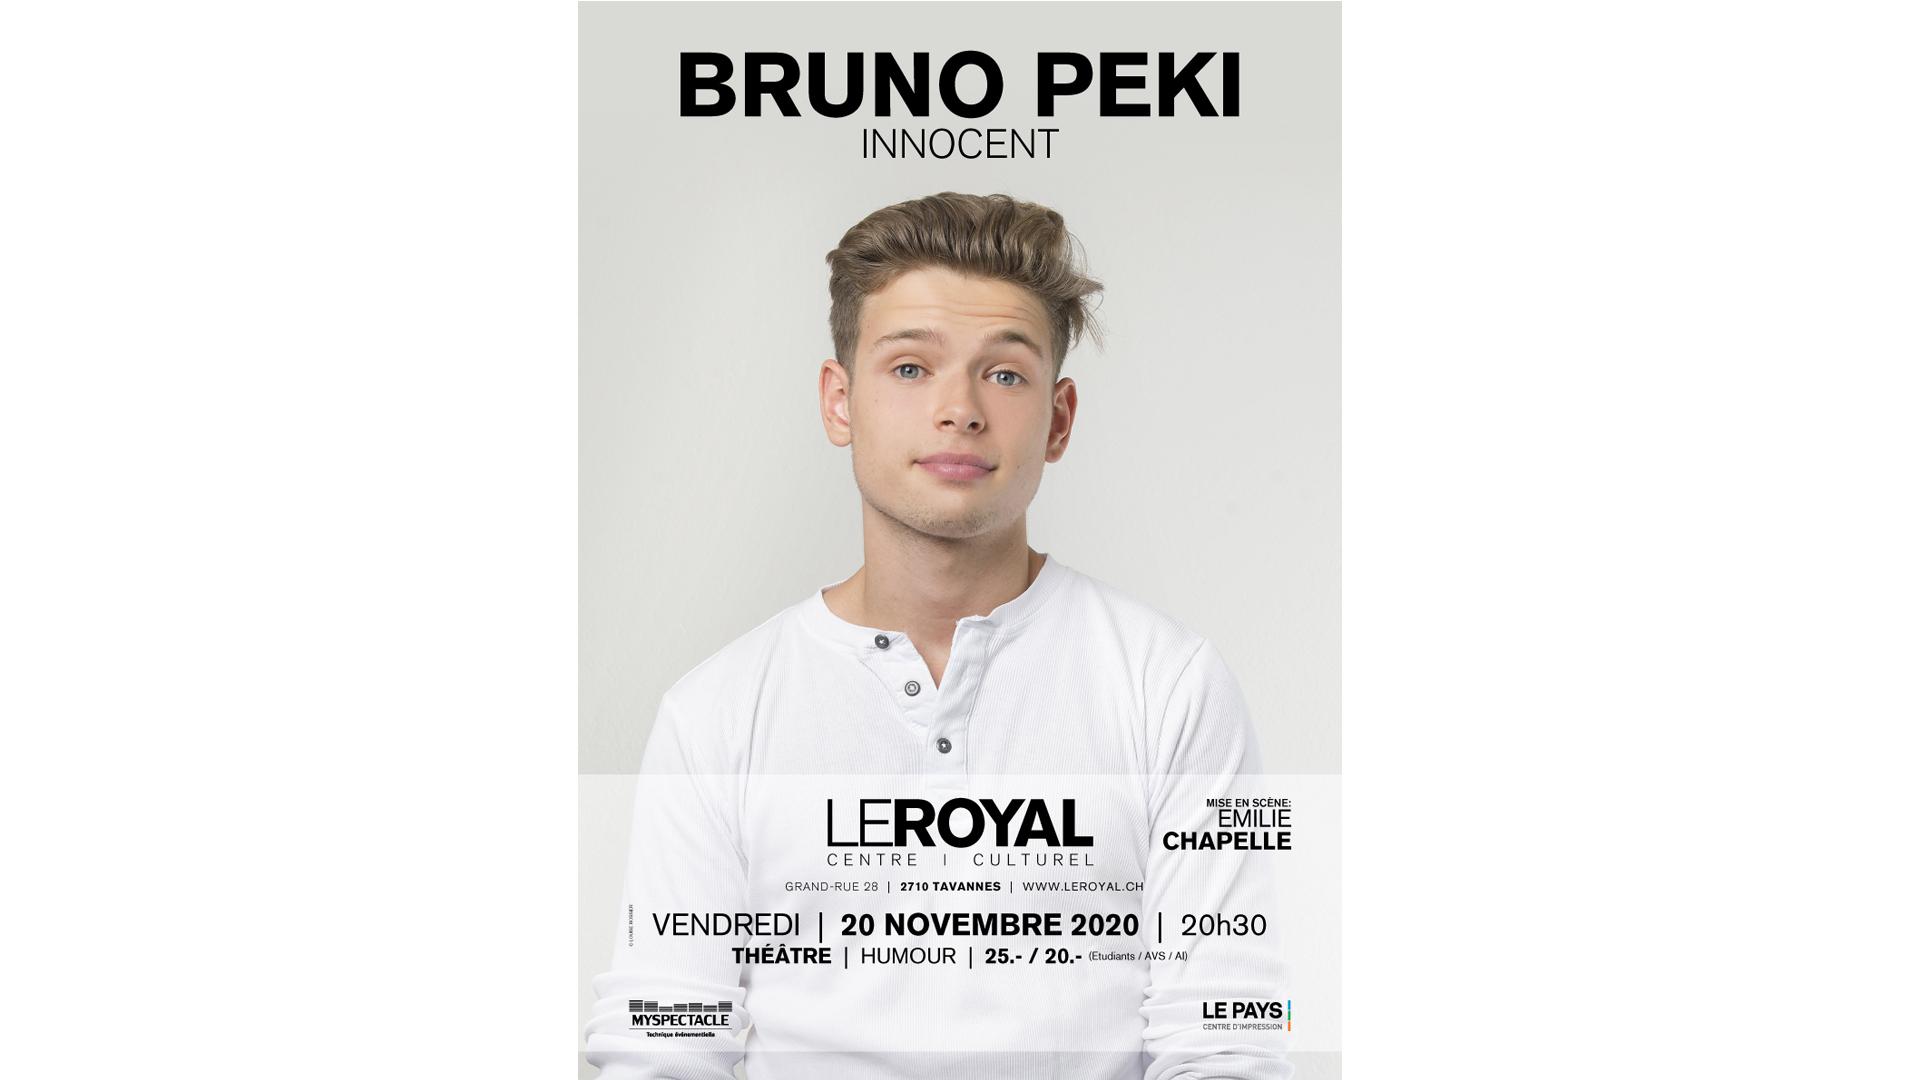 201120---BRUNO-PEKI---Affiche-web